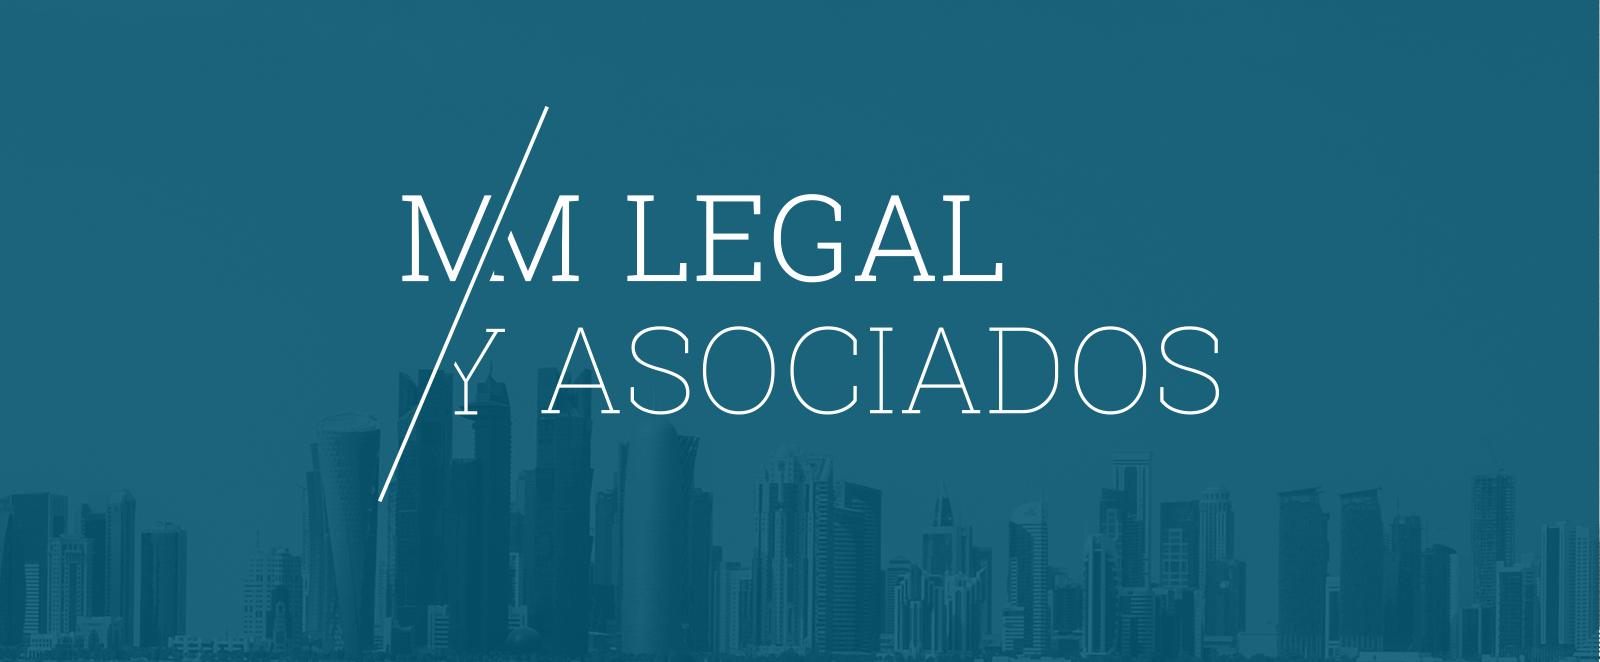 01-M-M-Legal